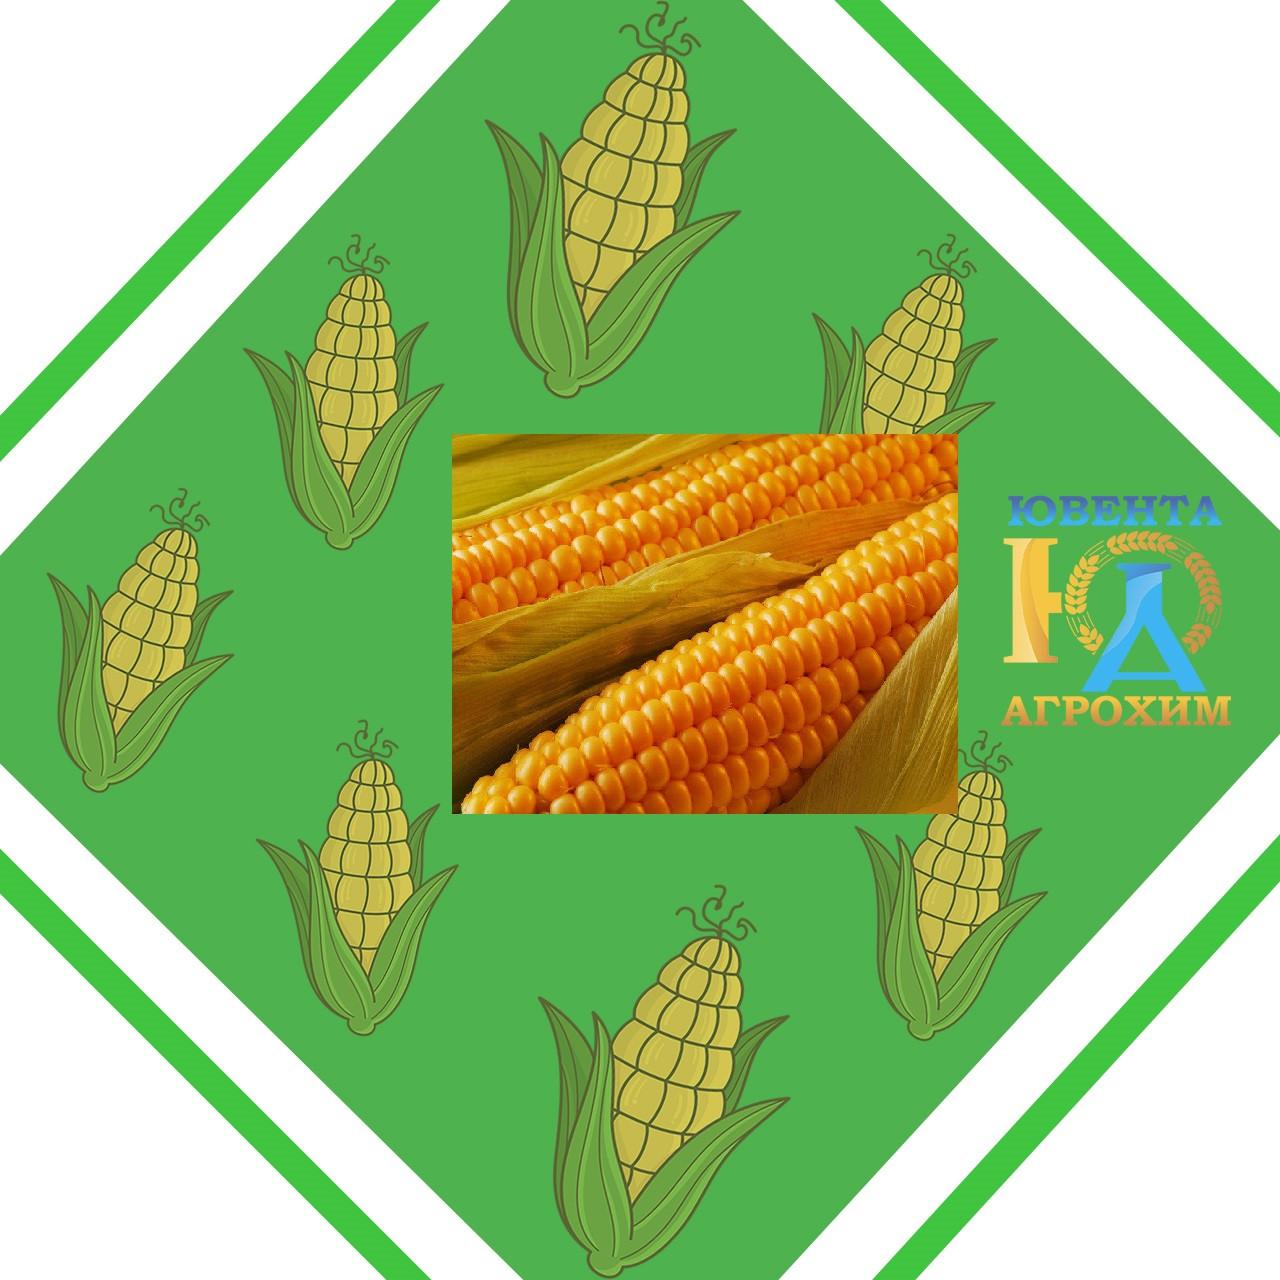 Гибрид семян кукурузы Оржиця 237